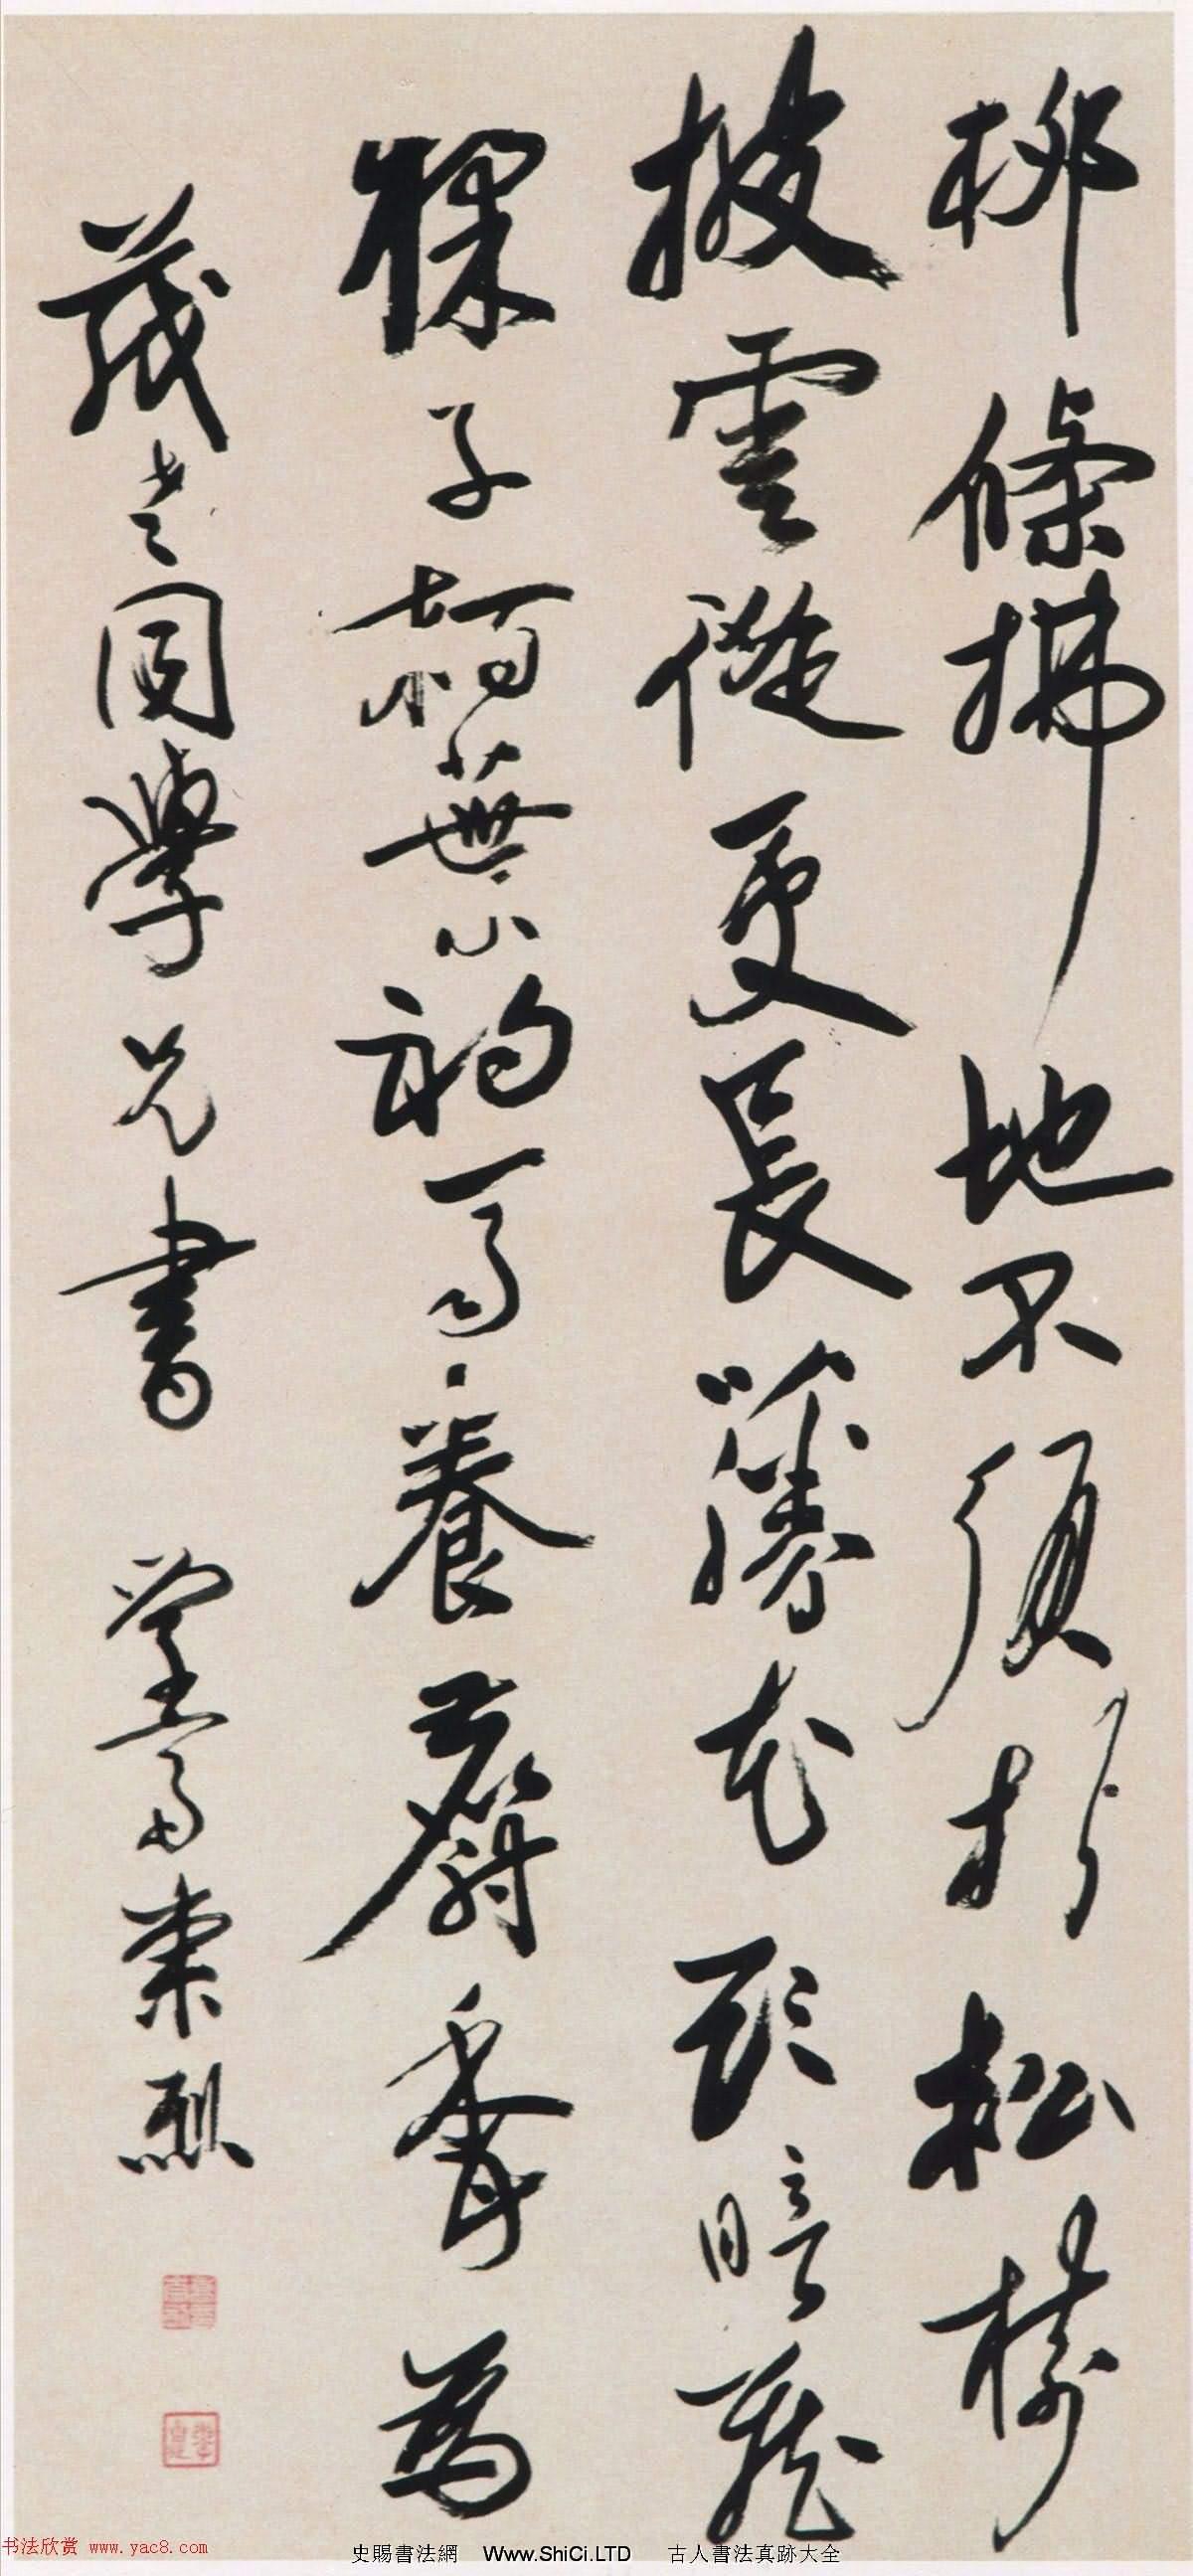 清代進士喬崇烈書法墨跡(共6張圖片)